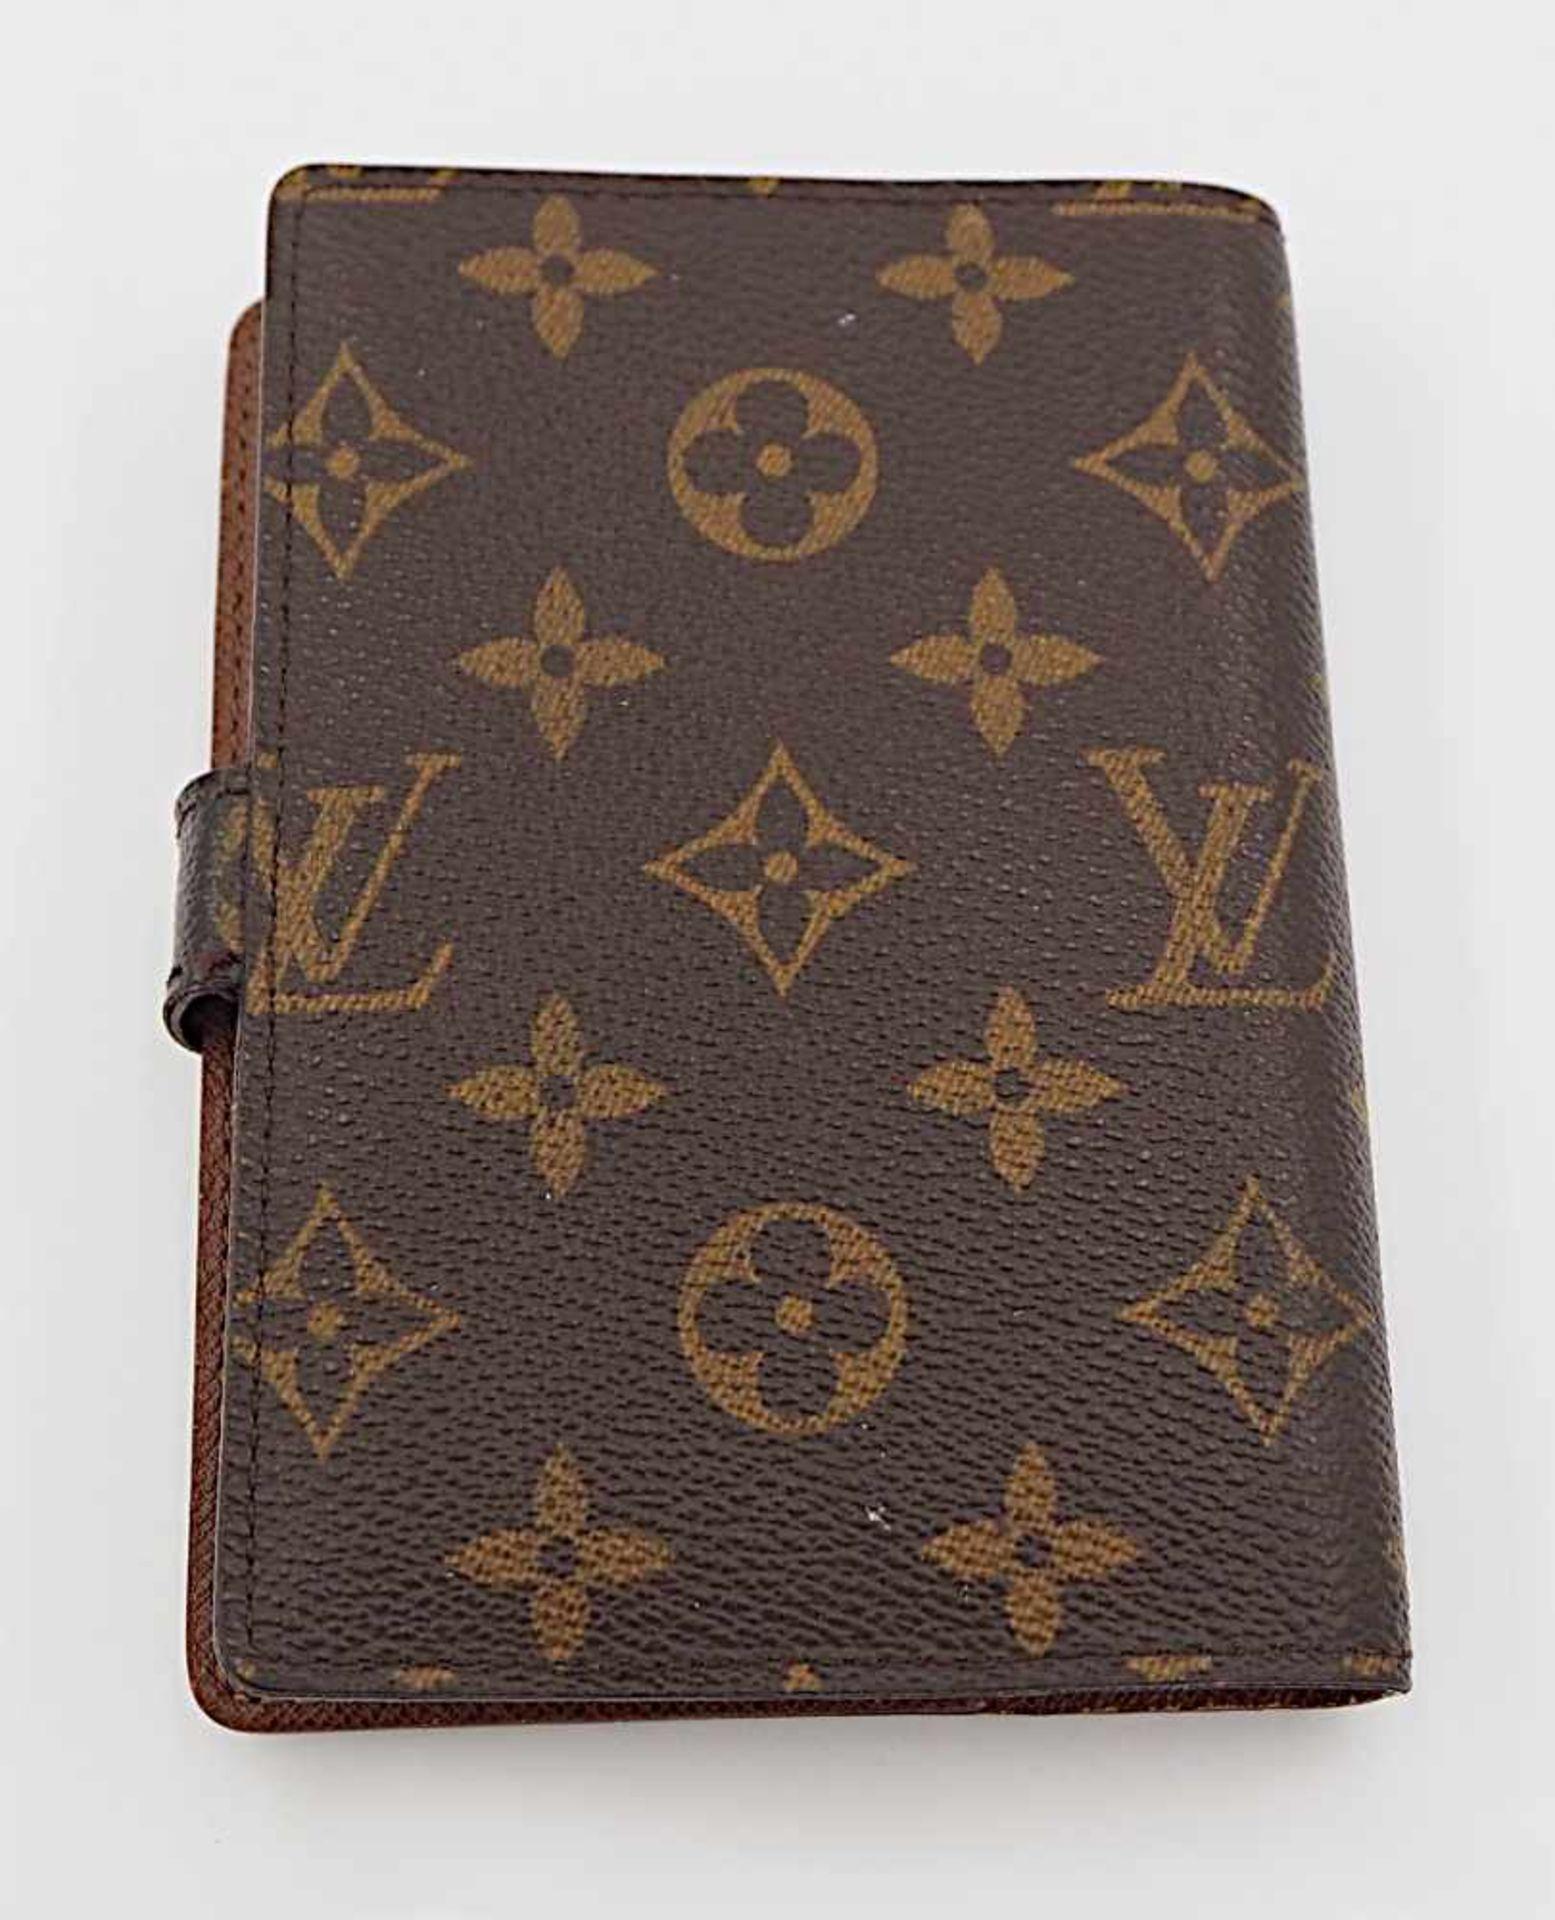 1 Agenda 1 Kugelschreiber Louis Vuitton m. Rechnungskopie monogr. Gsp. - Image 2 of 3